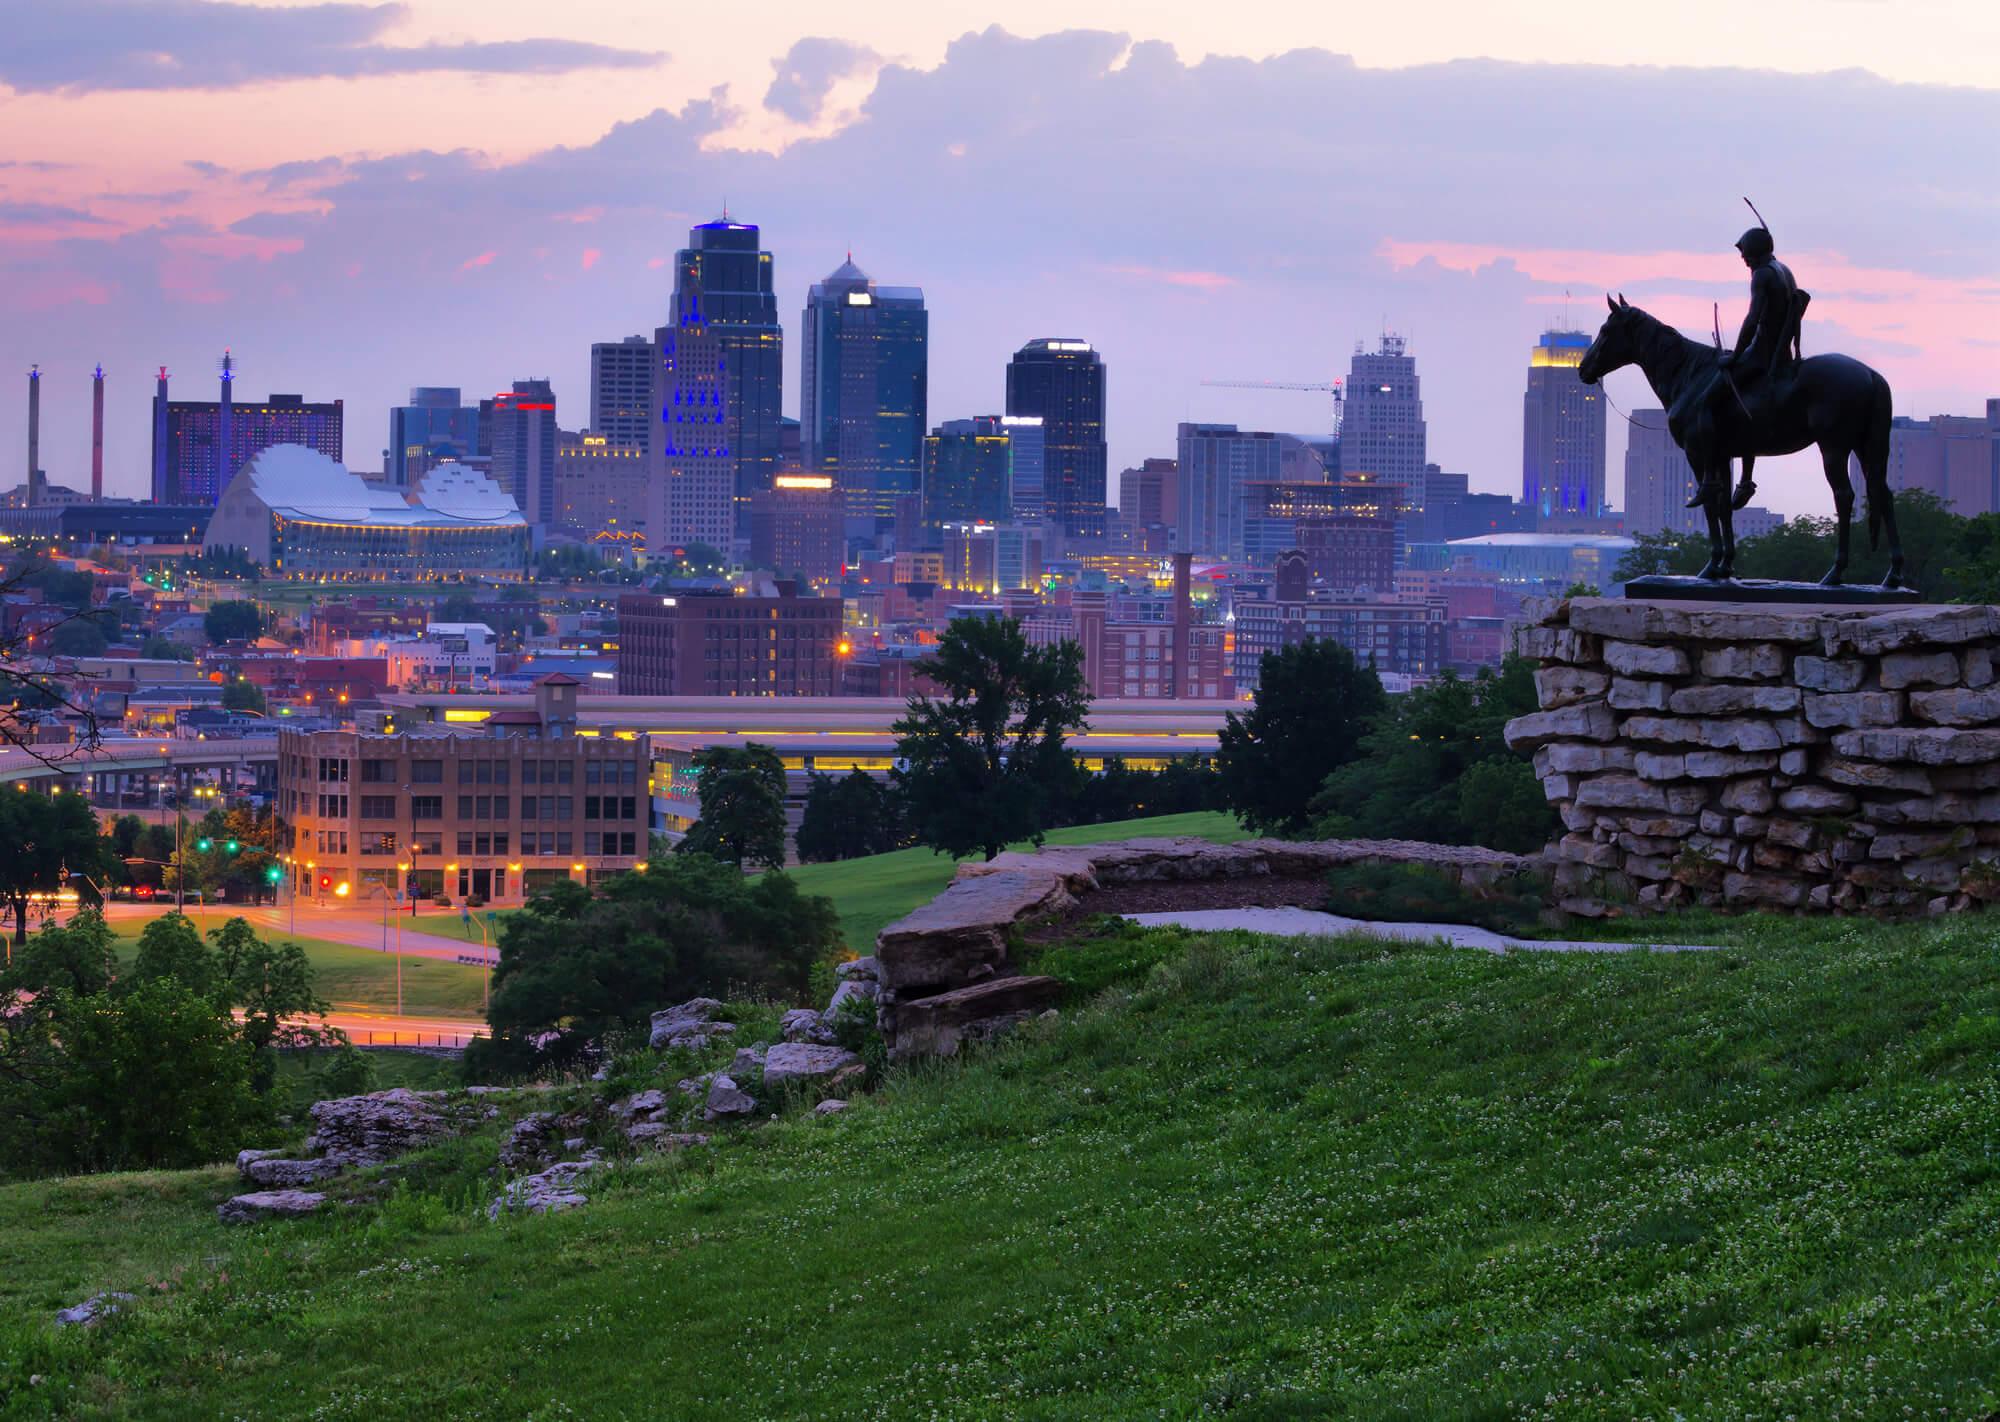 View of Kansas City, Missouri skylines